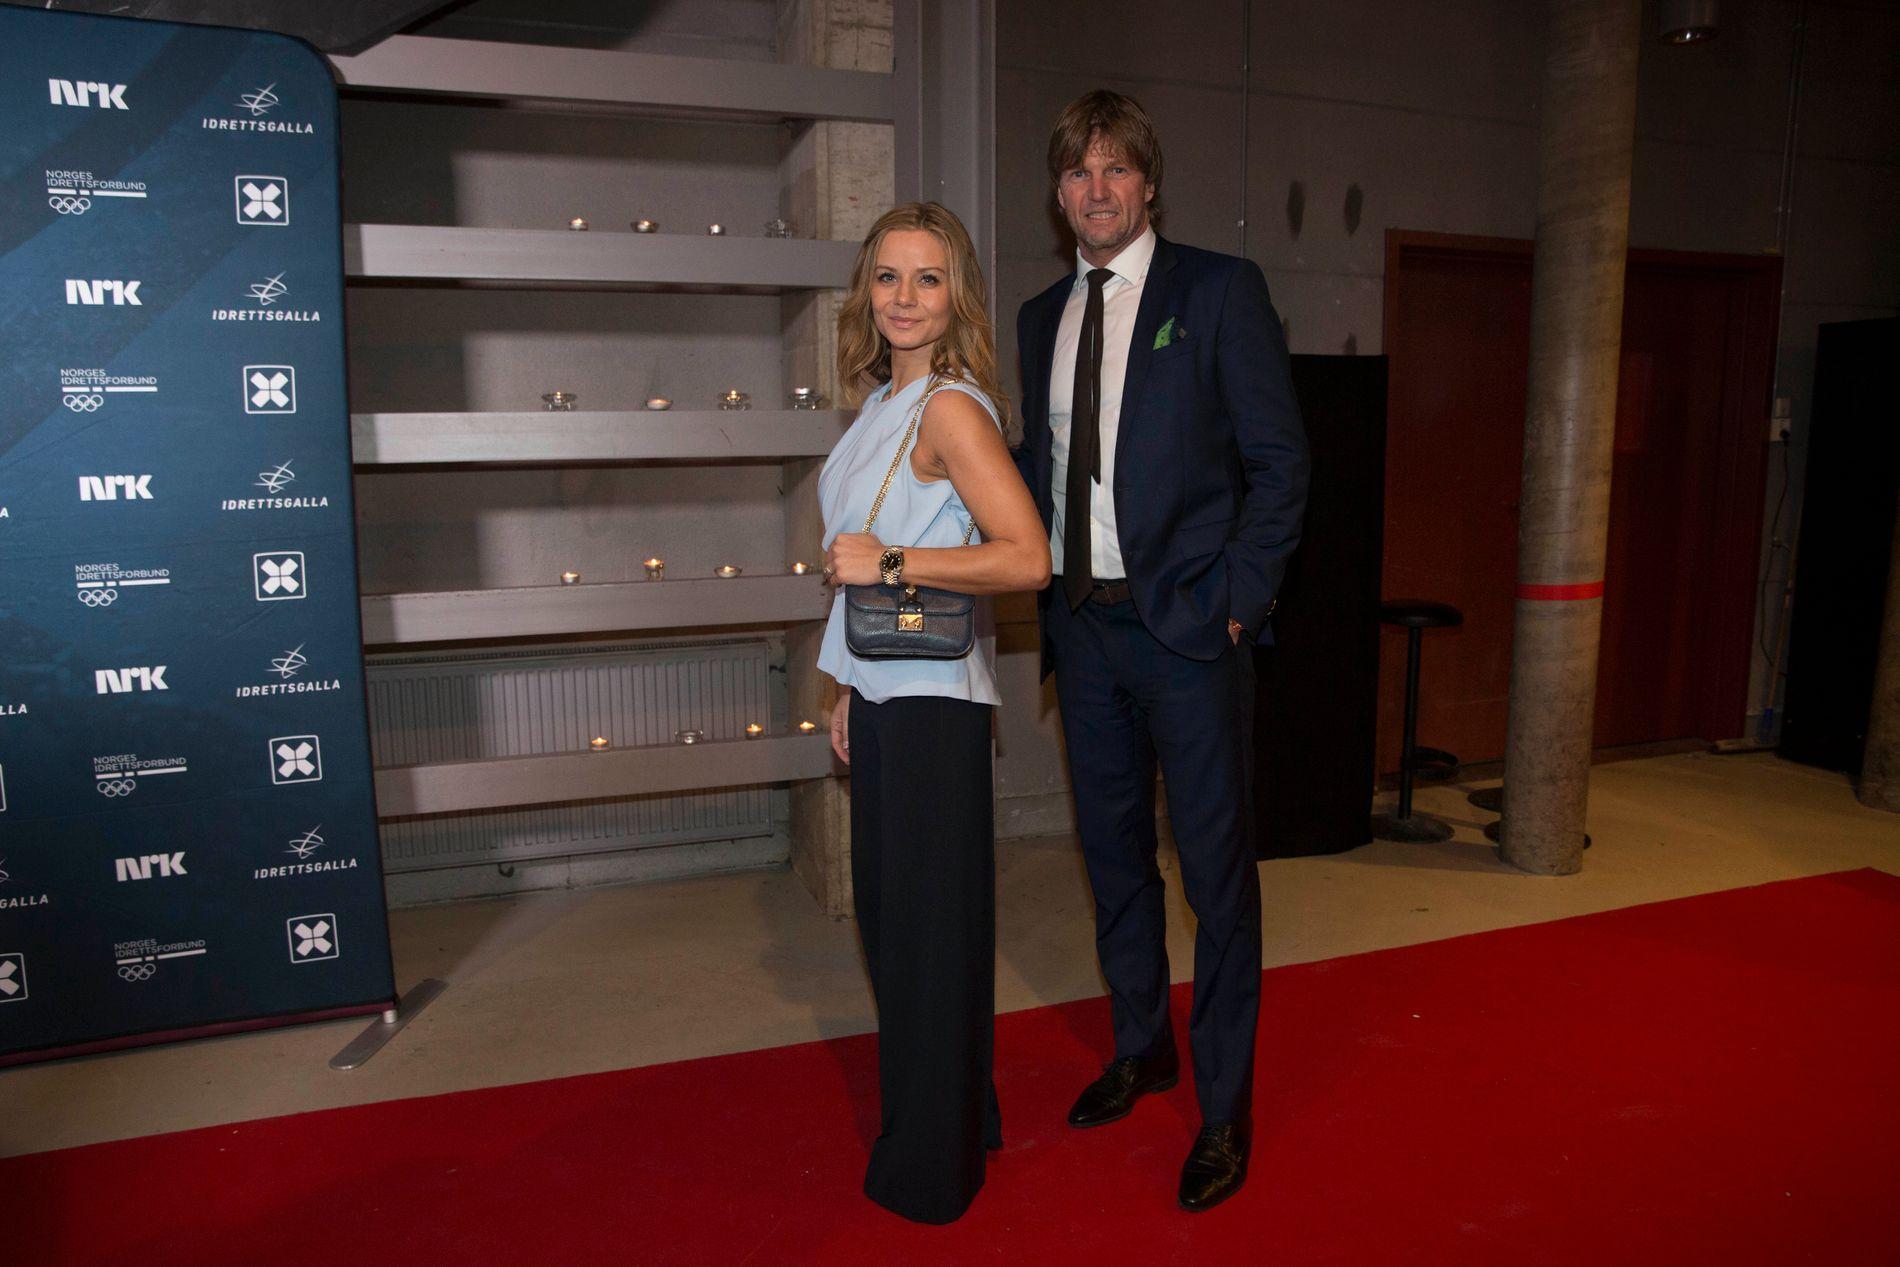 GÅR FRA HVERANDRE: Bjørn Maaseide og Christina Kløvstad var sammen på Idrettsgallaen i Hamar OL-amfi 6. januar. Nå er det slutt mellom dem.